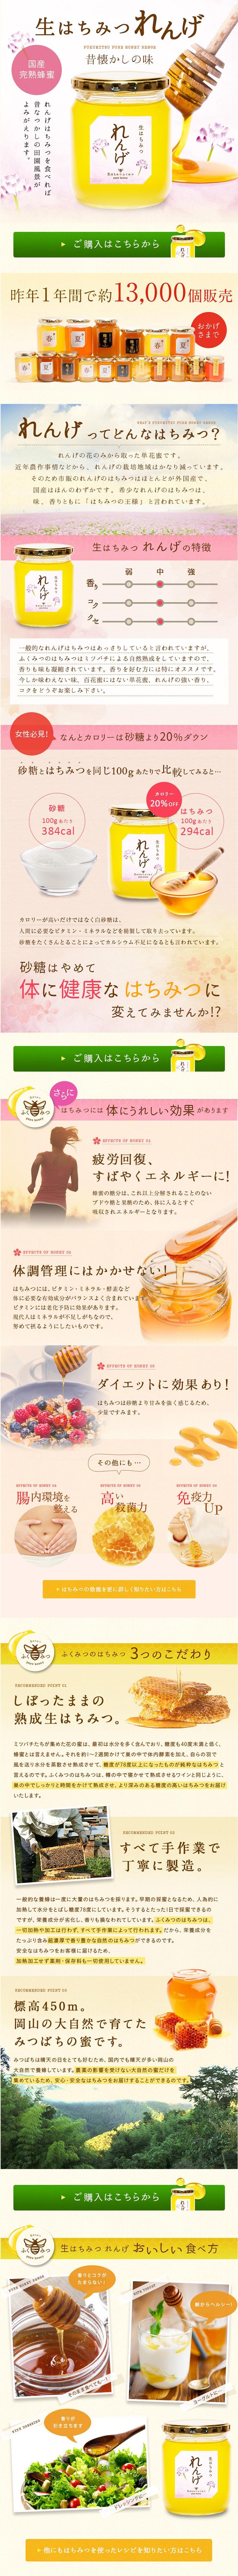 生はちみつれんげ【健康・美容食品関連】のlpデザイン。webデザイナー